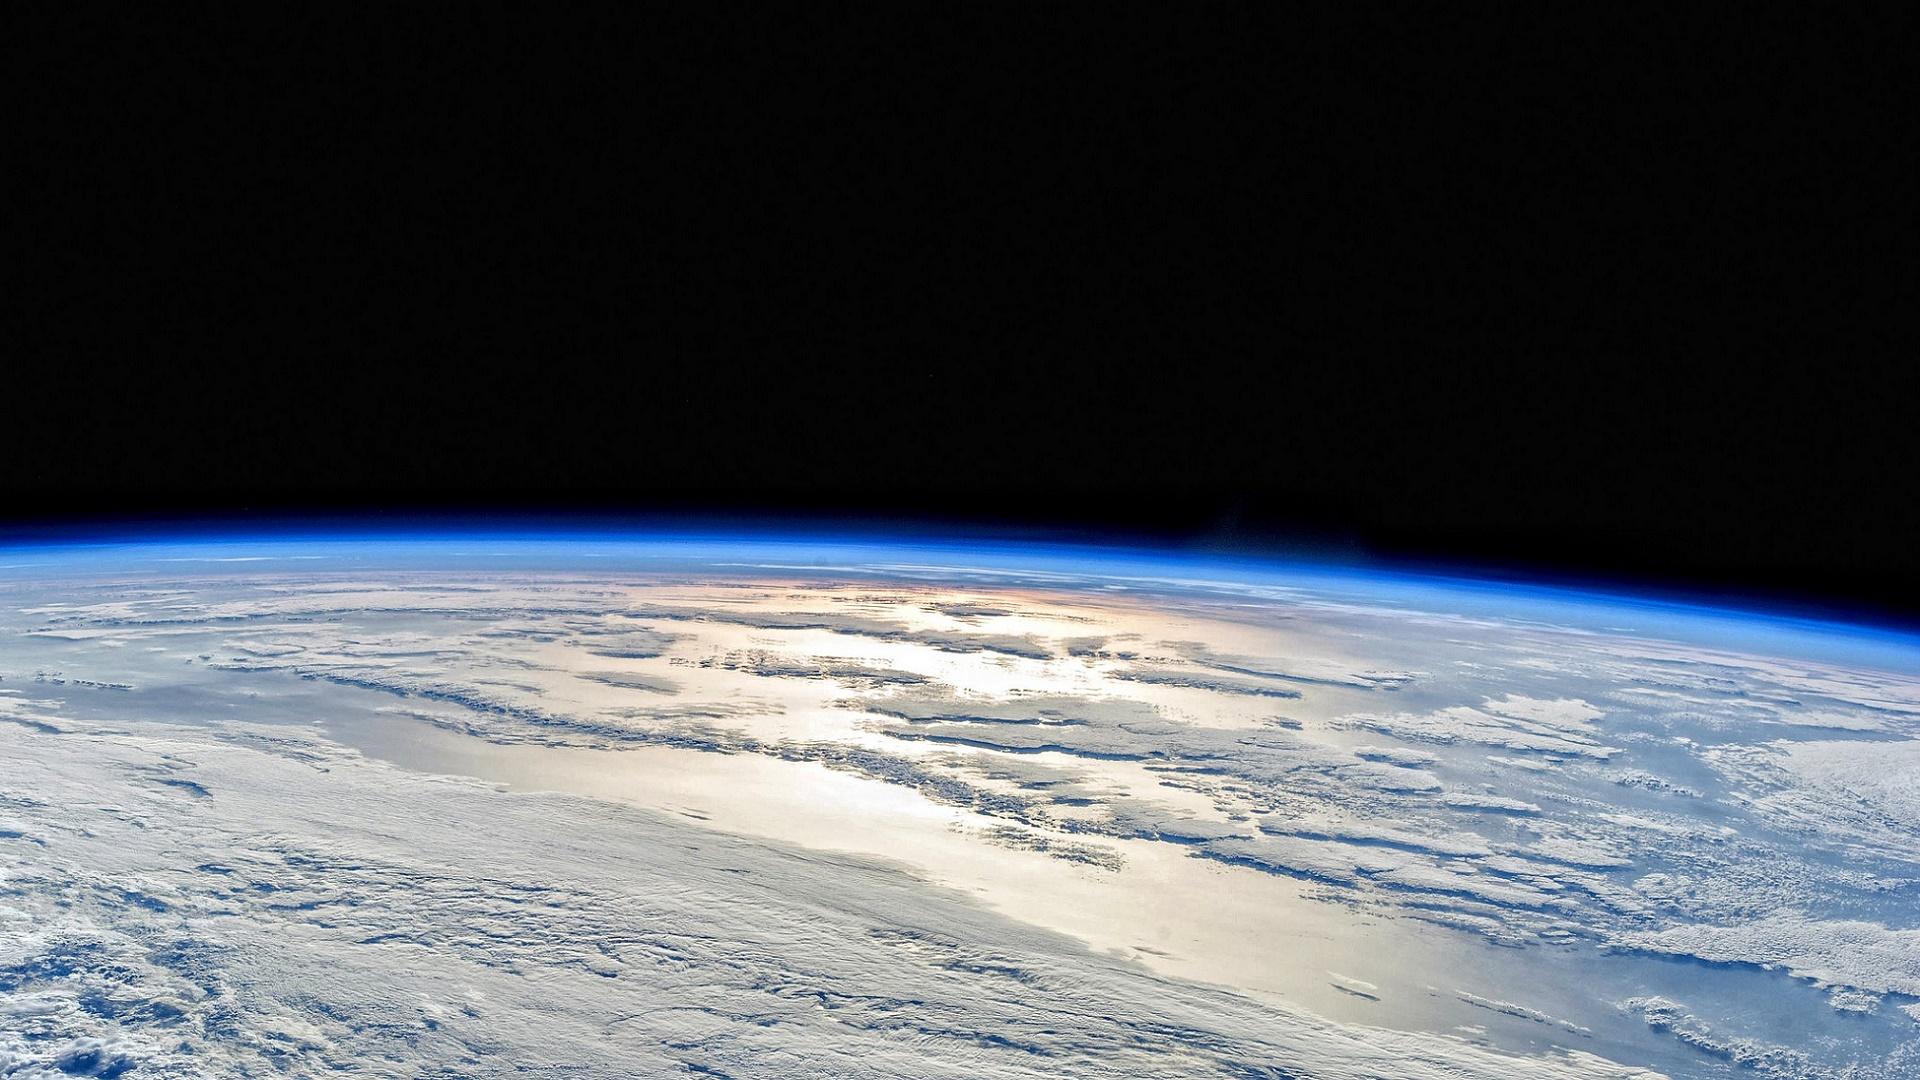 Científicos del MIT observan que el agujero de la capa de ozono se está cerrando